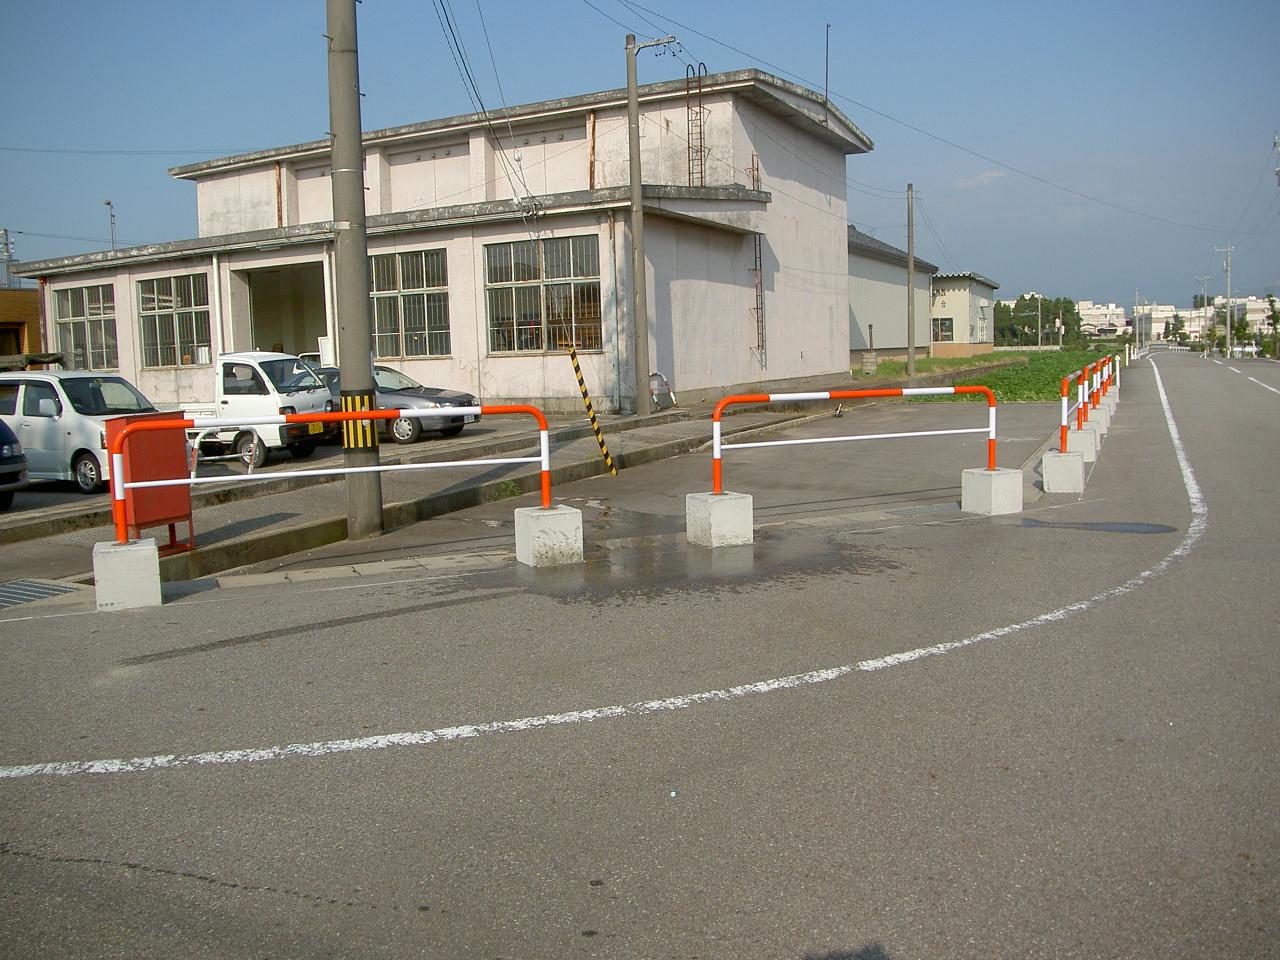 防護柵・防止柵(ガードレール・フェンス) 施工事例14